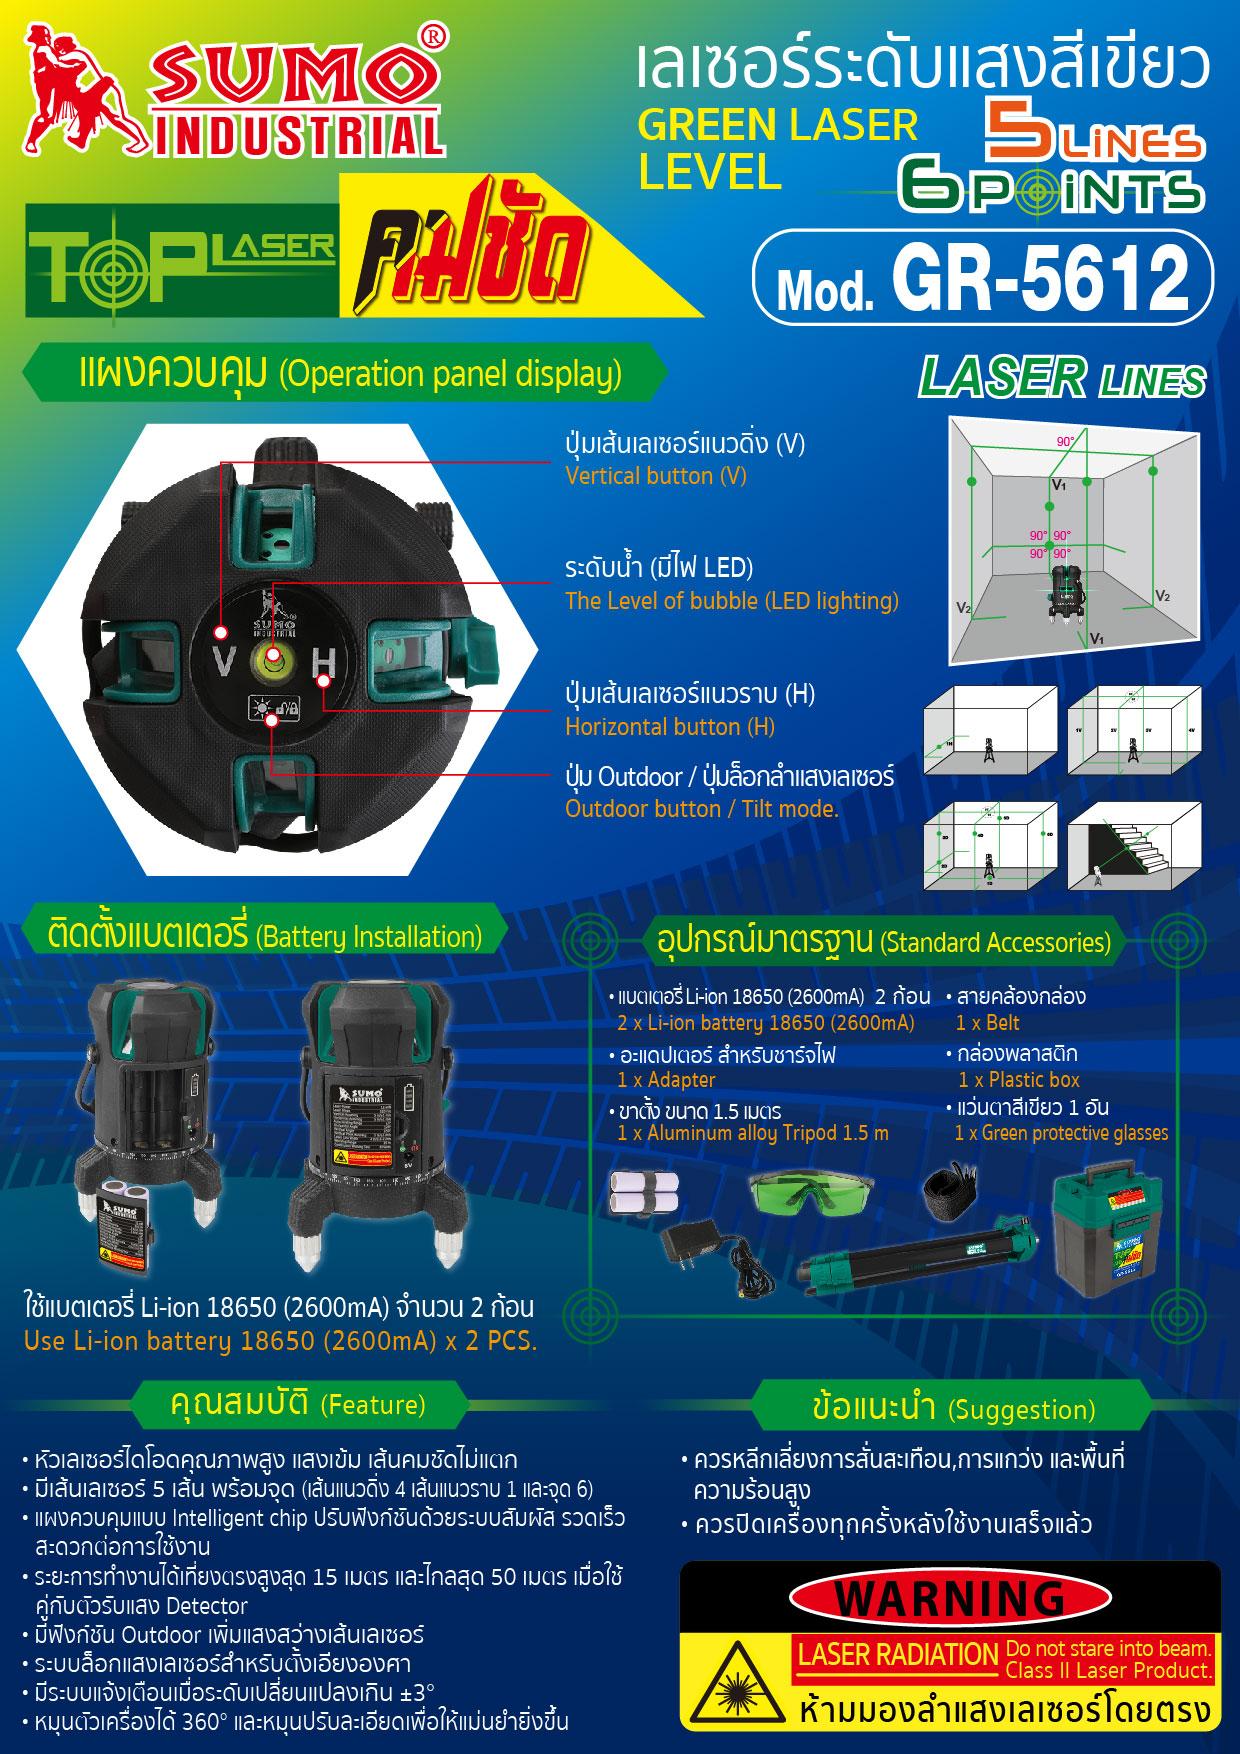 (4/12) เลเซอร์ระดับแสงสีเขียว GR-5612